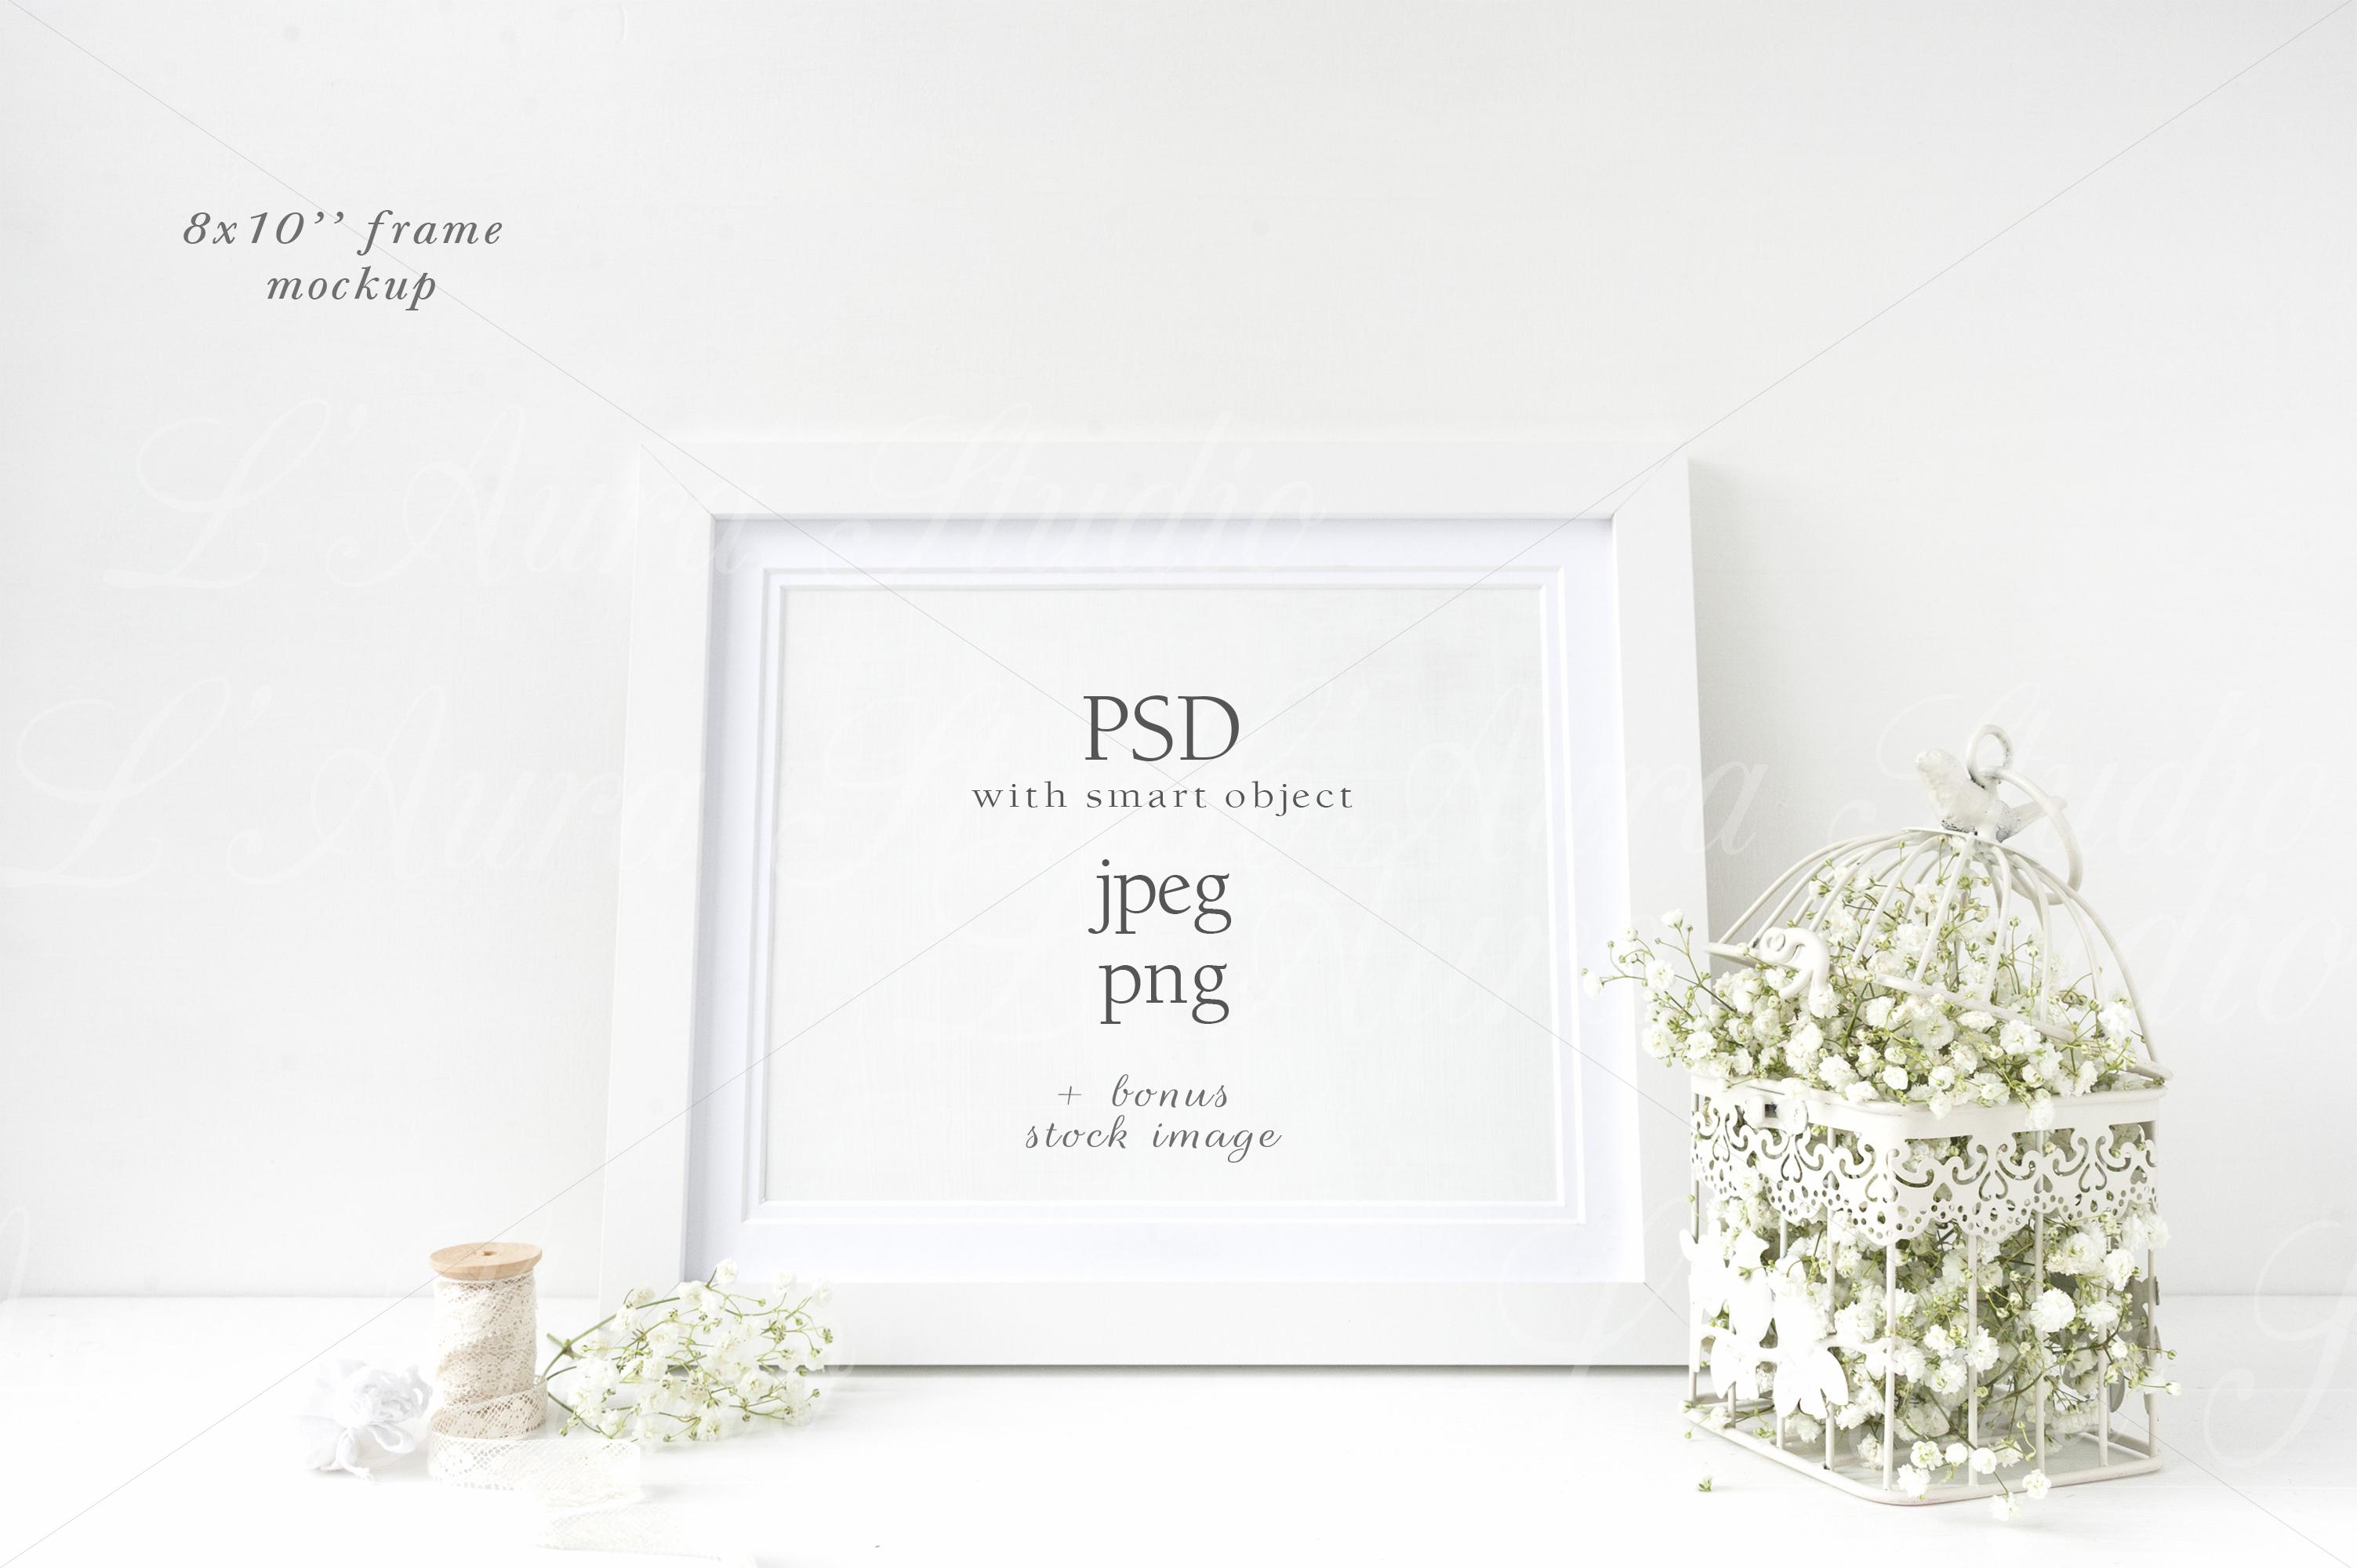 Wedding Frame Mockup - wfr225 example image 1